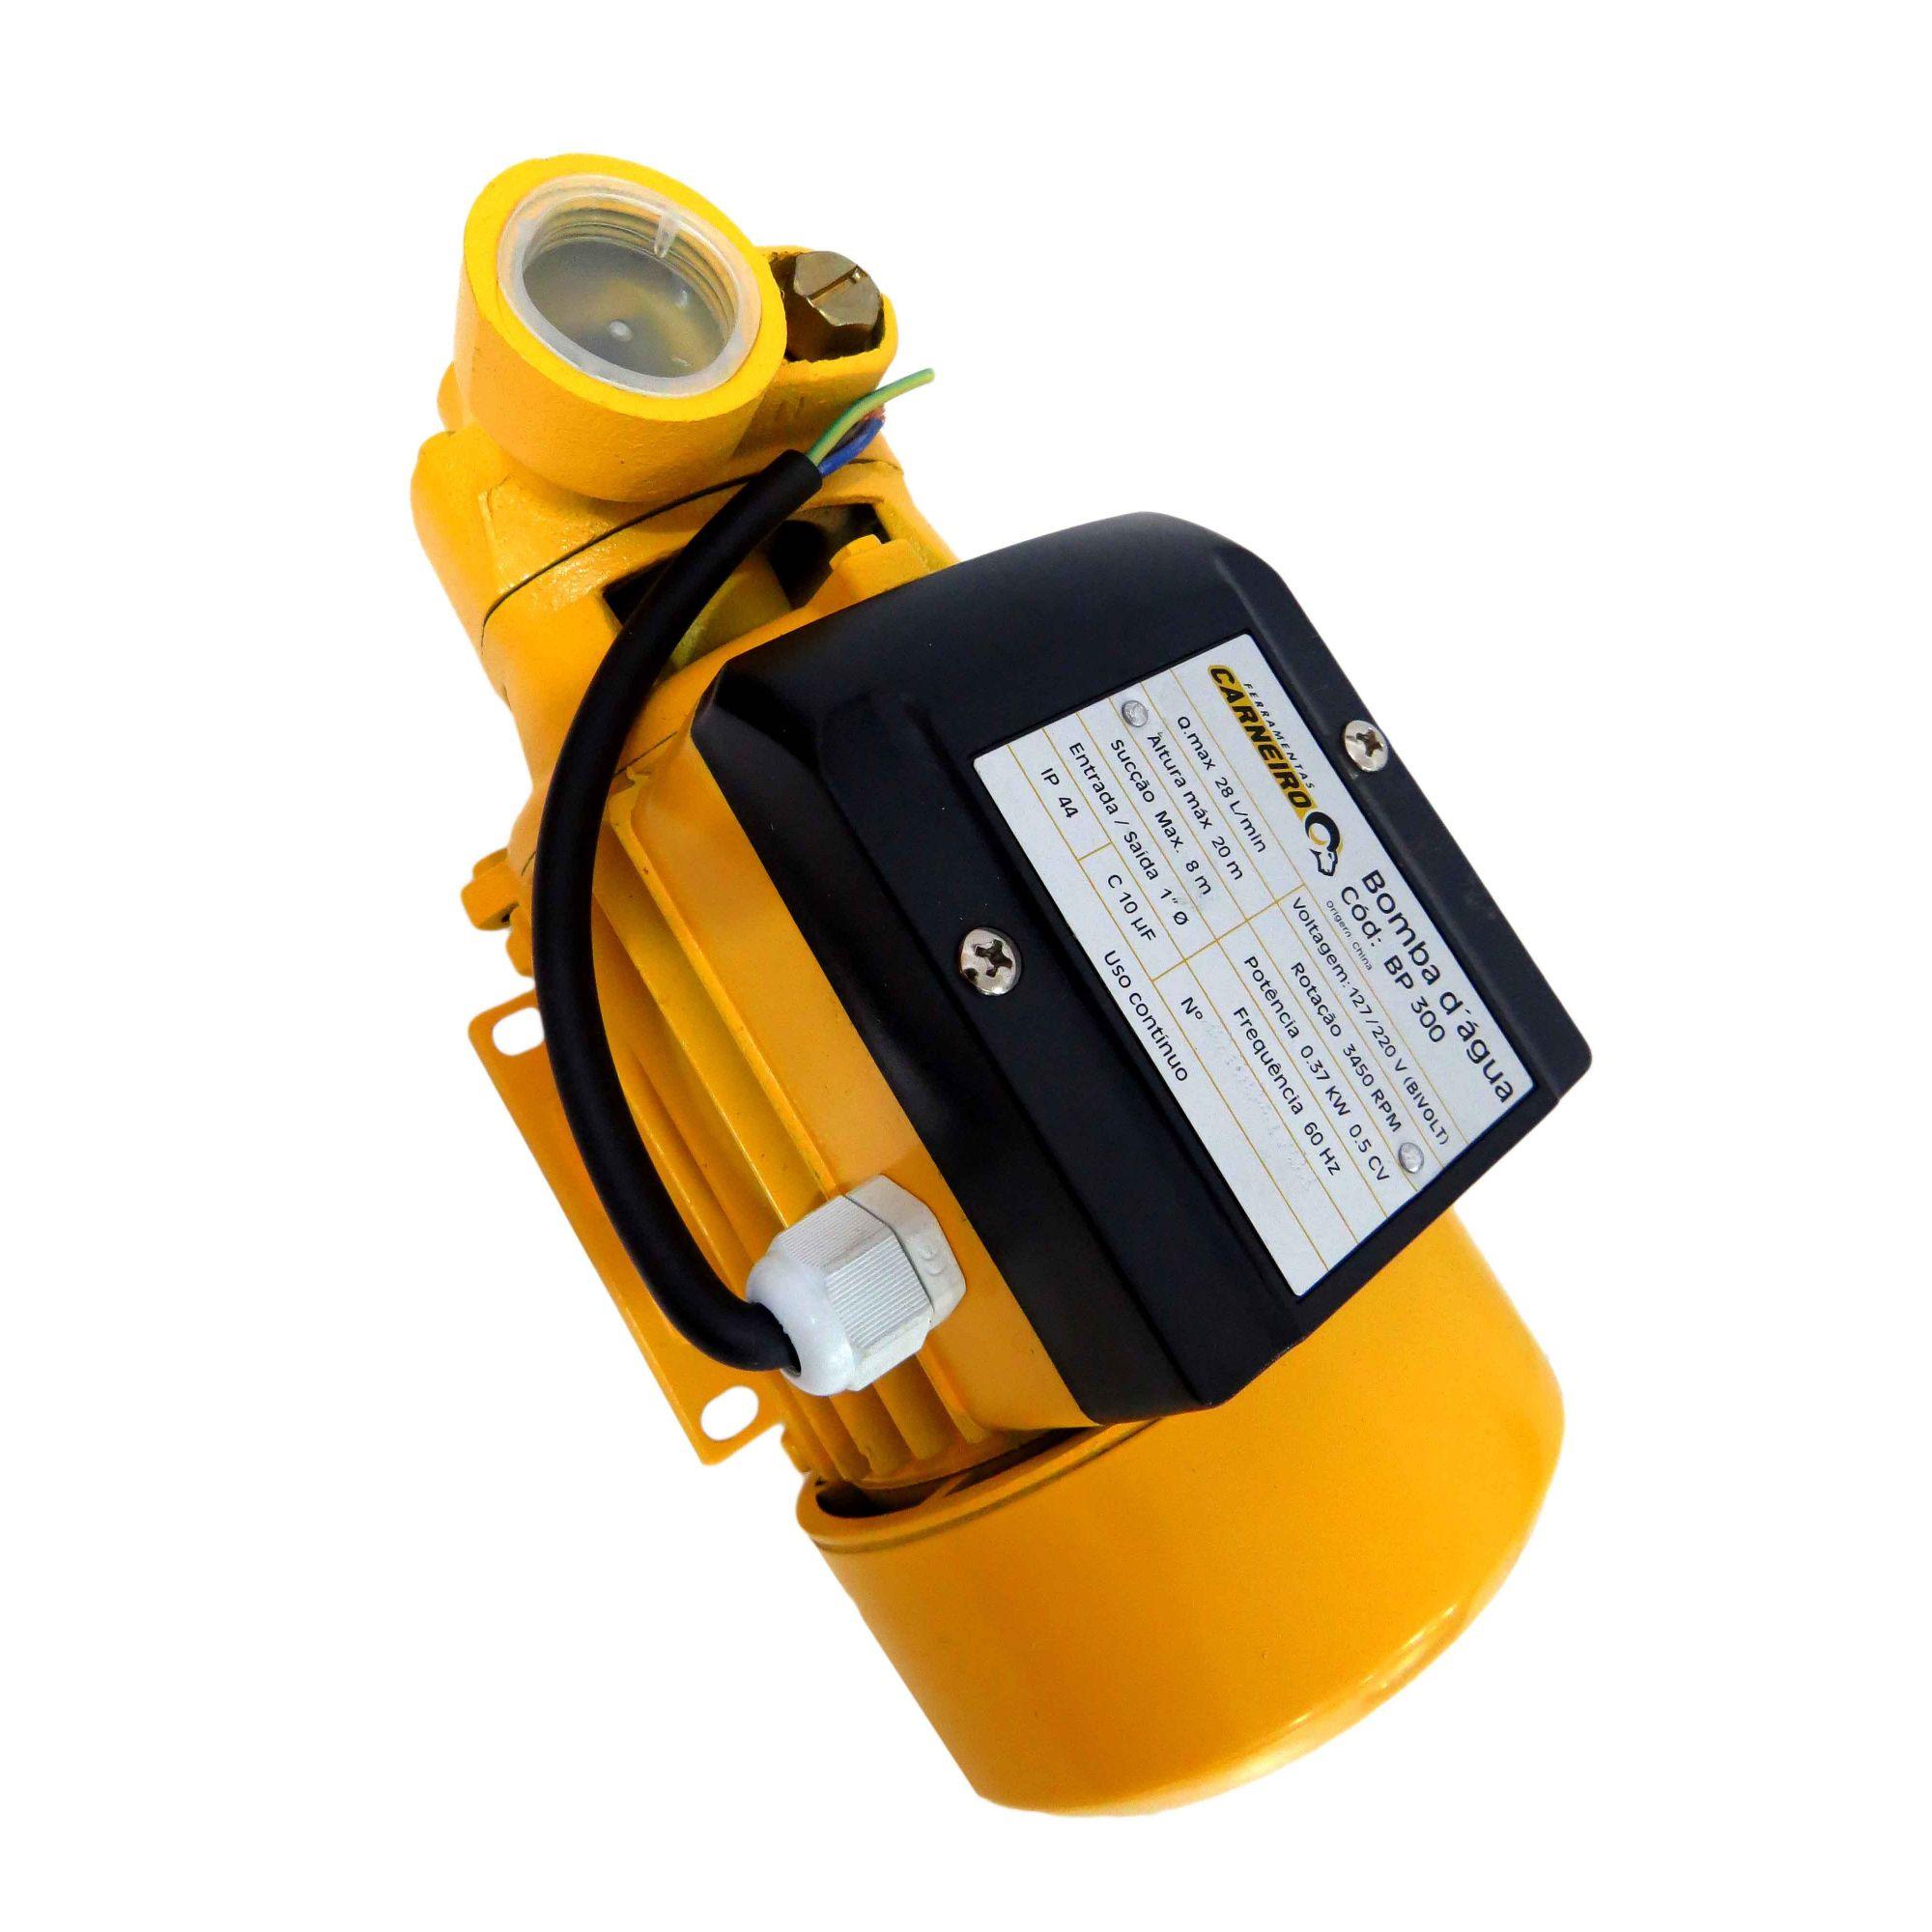 Bomba D' Água Periférica 1/2 Cv 0,37 Kw Bivolt Baixo Ruído